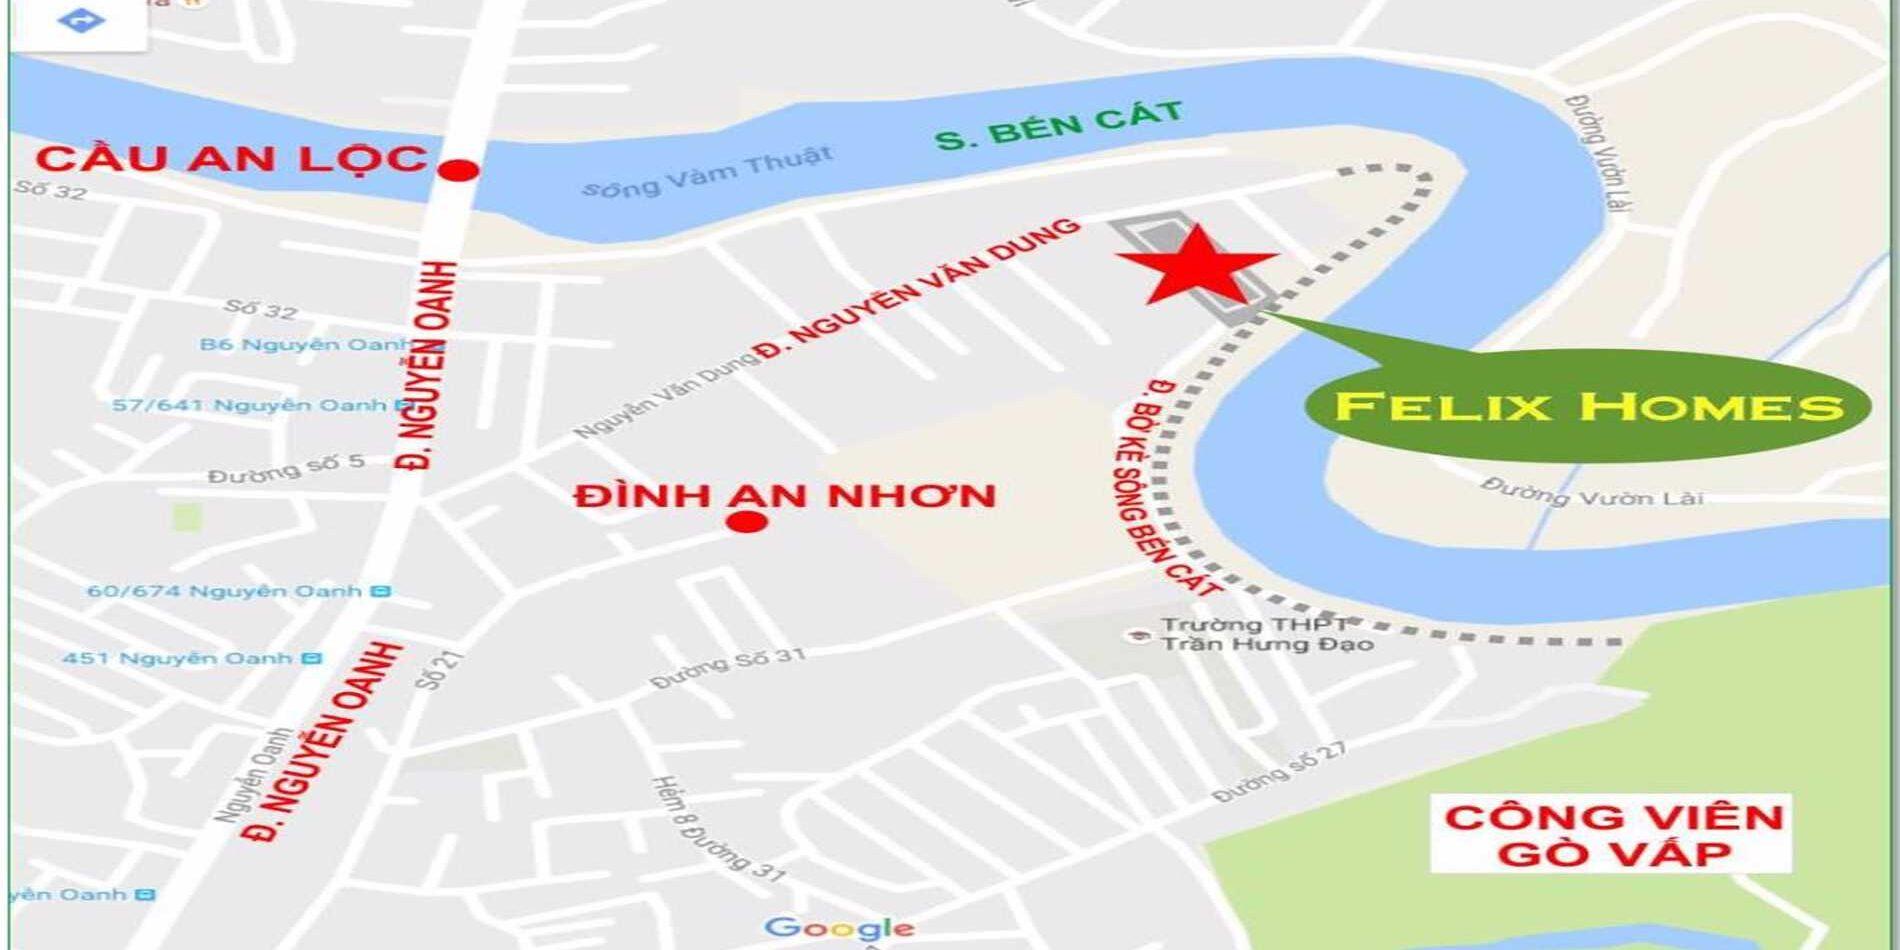 Vị trí Felix Homes Quận Gò Vấp-Dự án căn hộ nhà ở xã hội